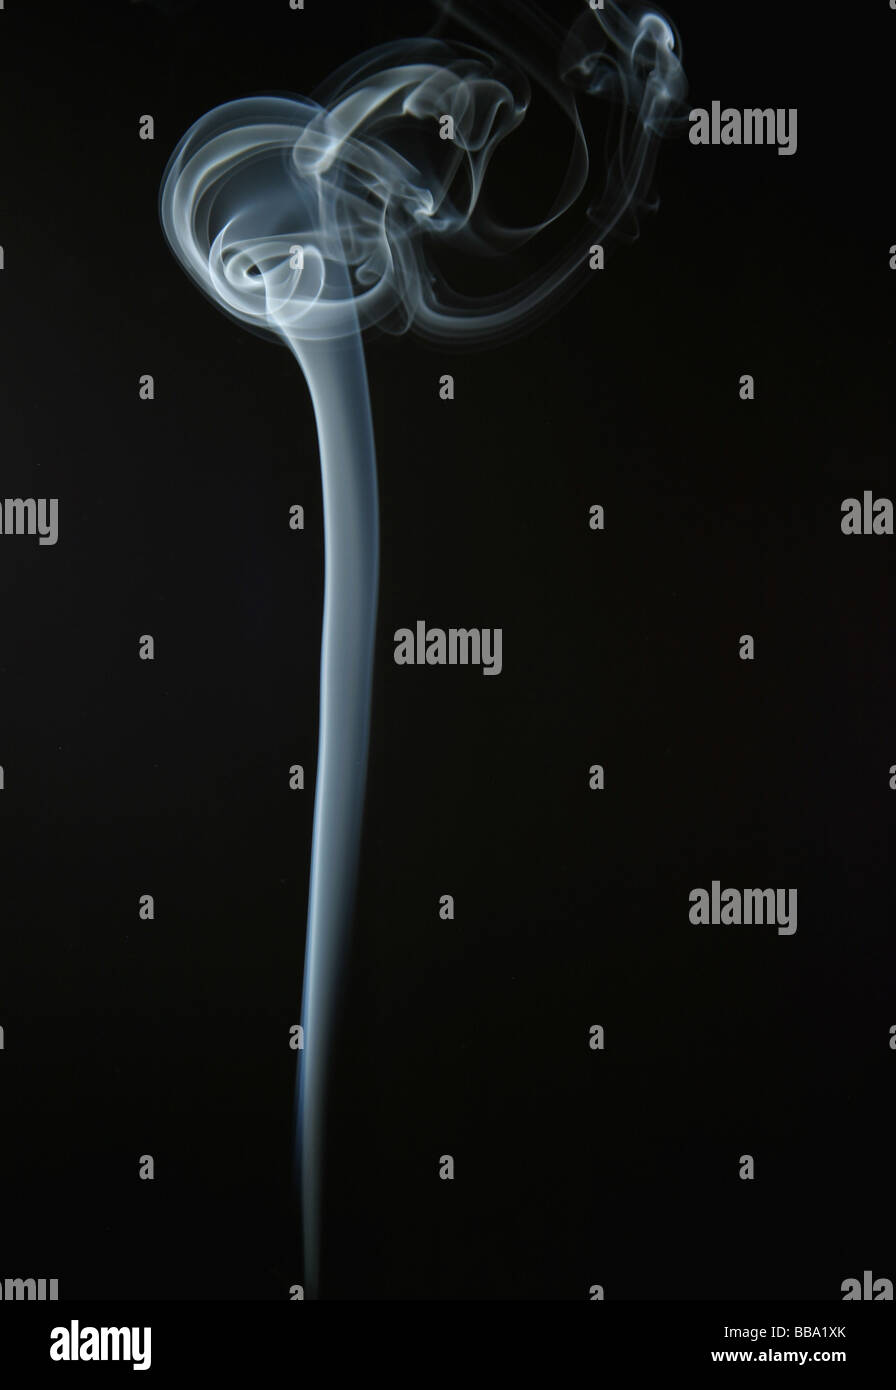 Modelli di fumo. Il fumo la formazione di vortici (modelli di vorticazione) in aria Immagini Stock